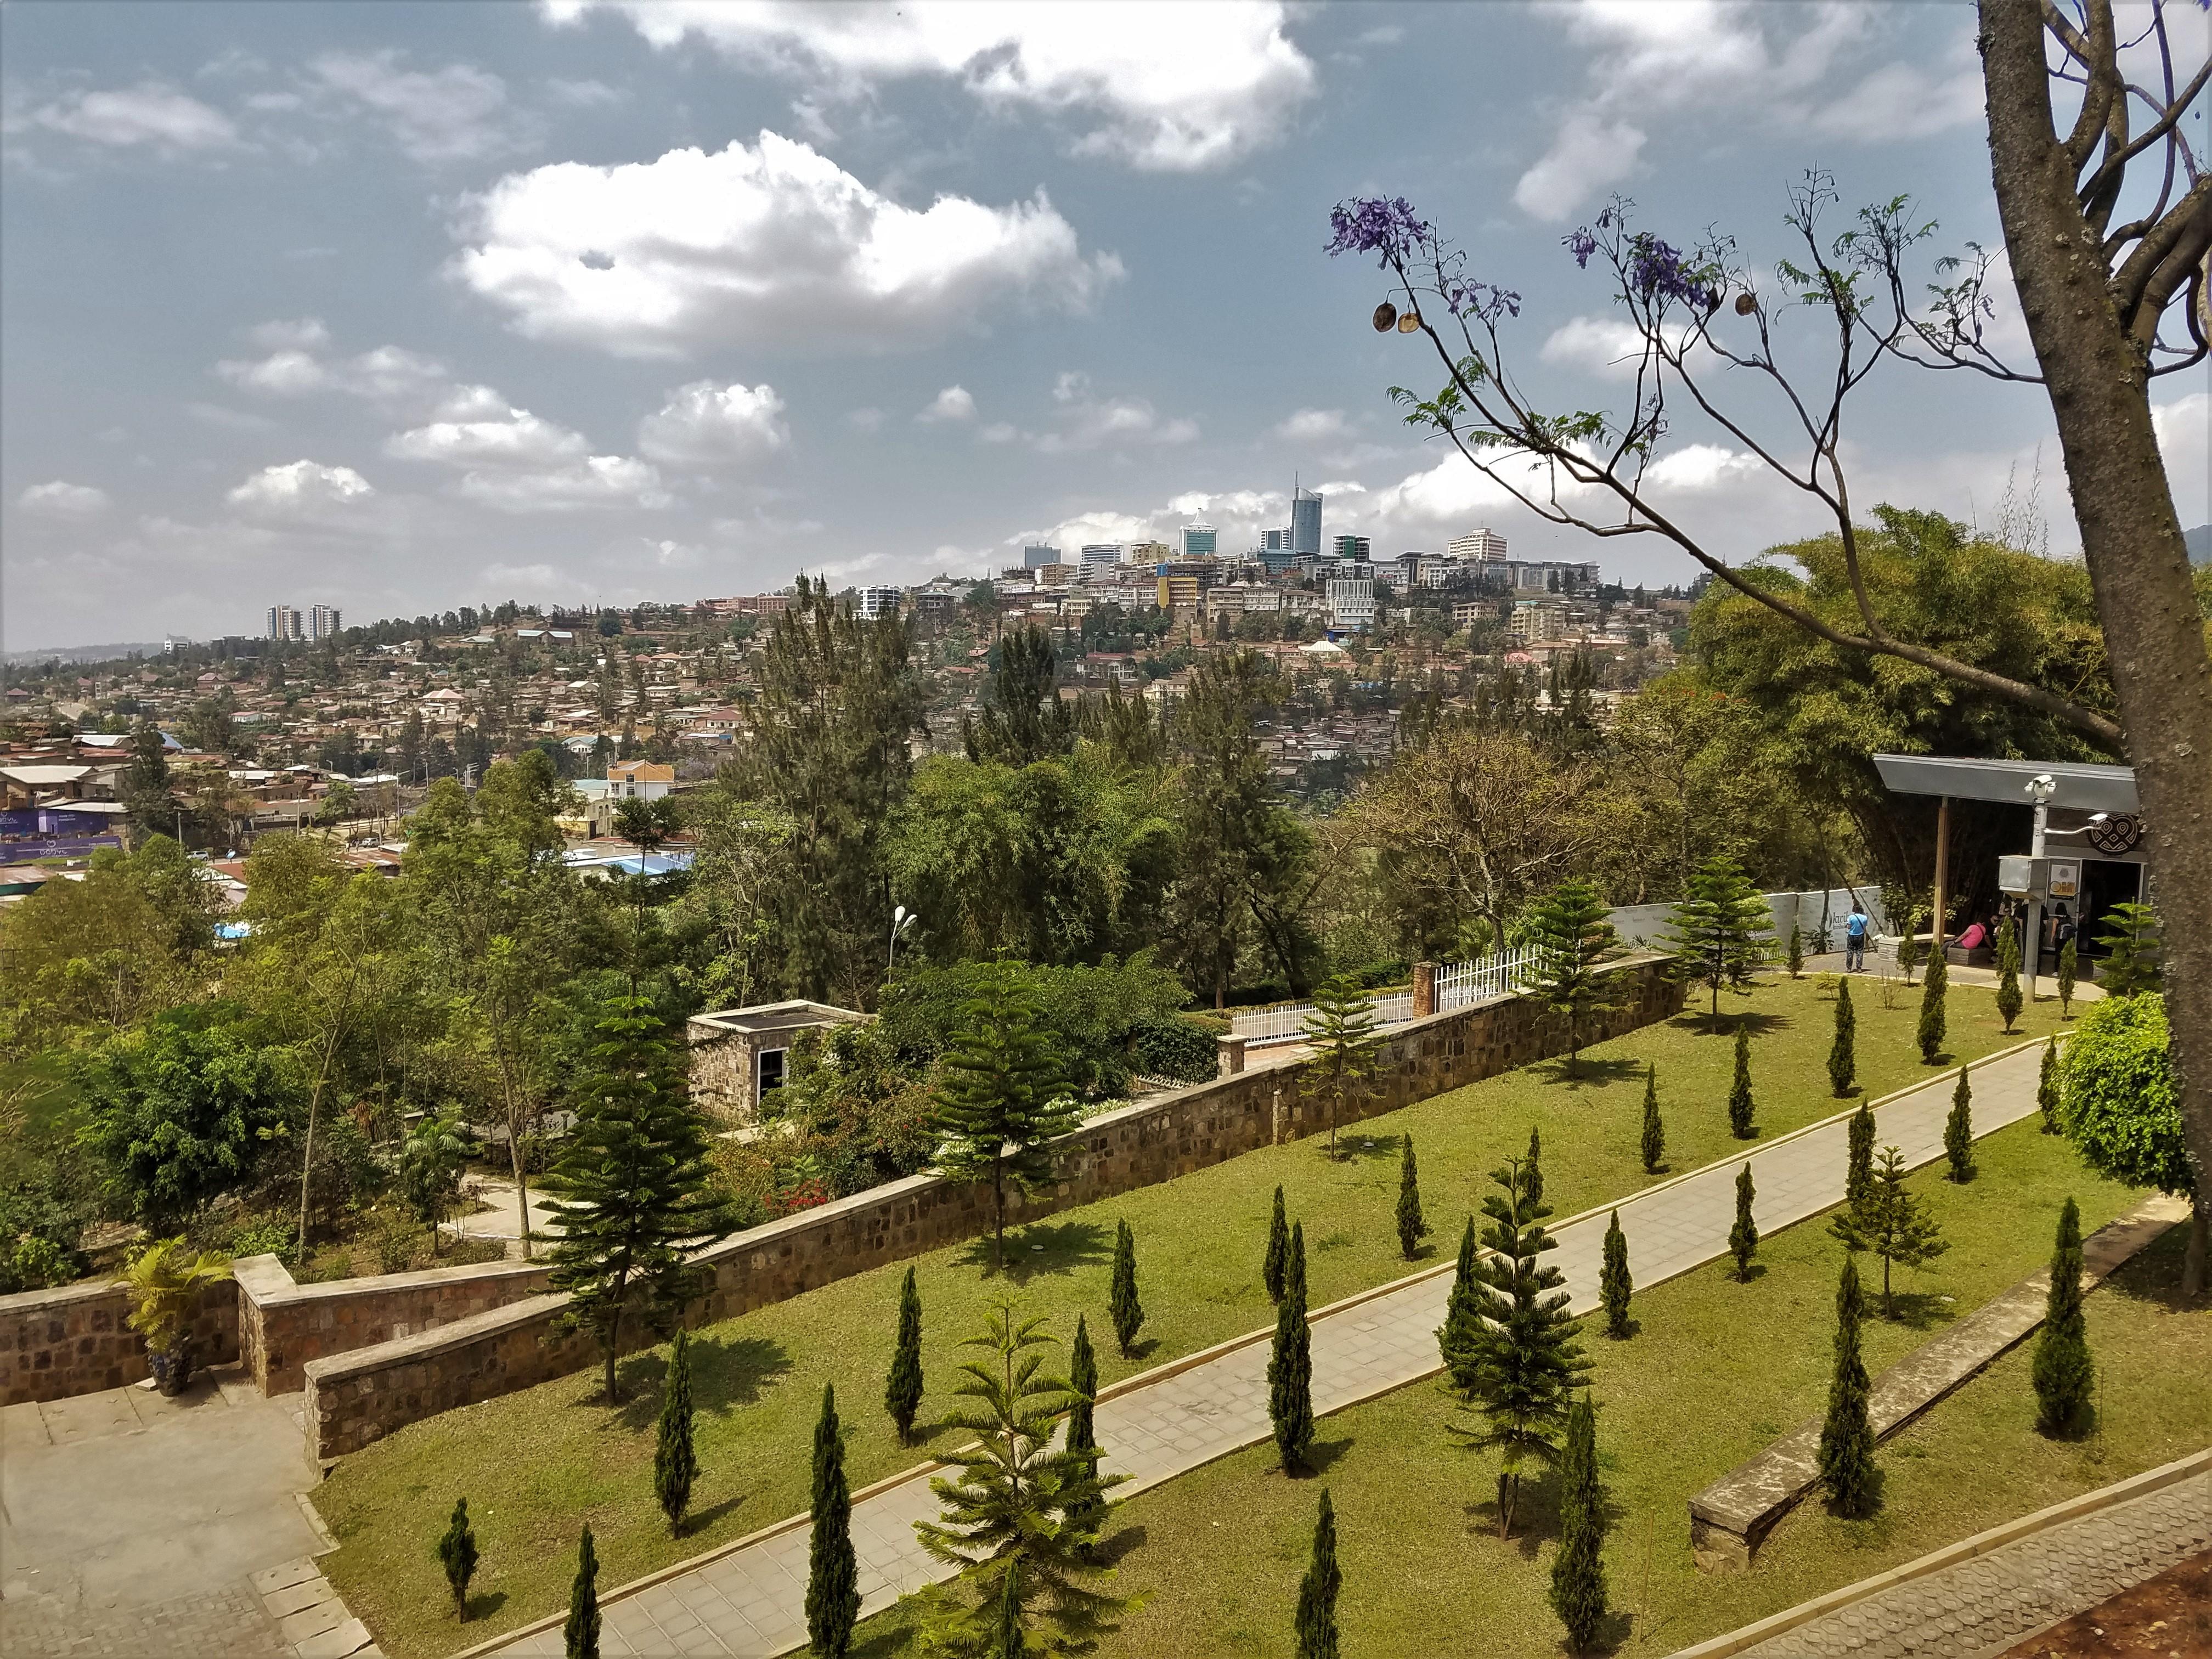 Rwanda, Kigali, Genocide Memorial